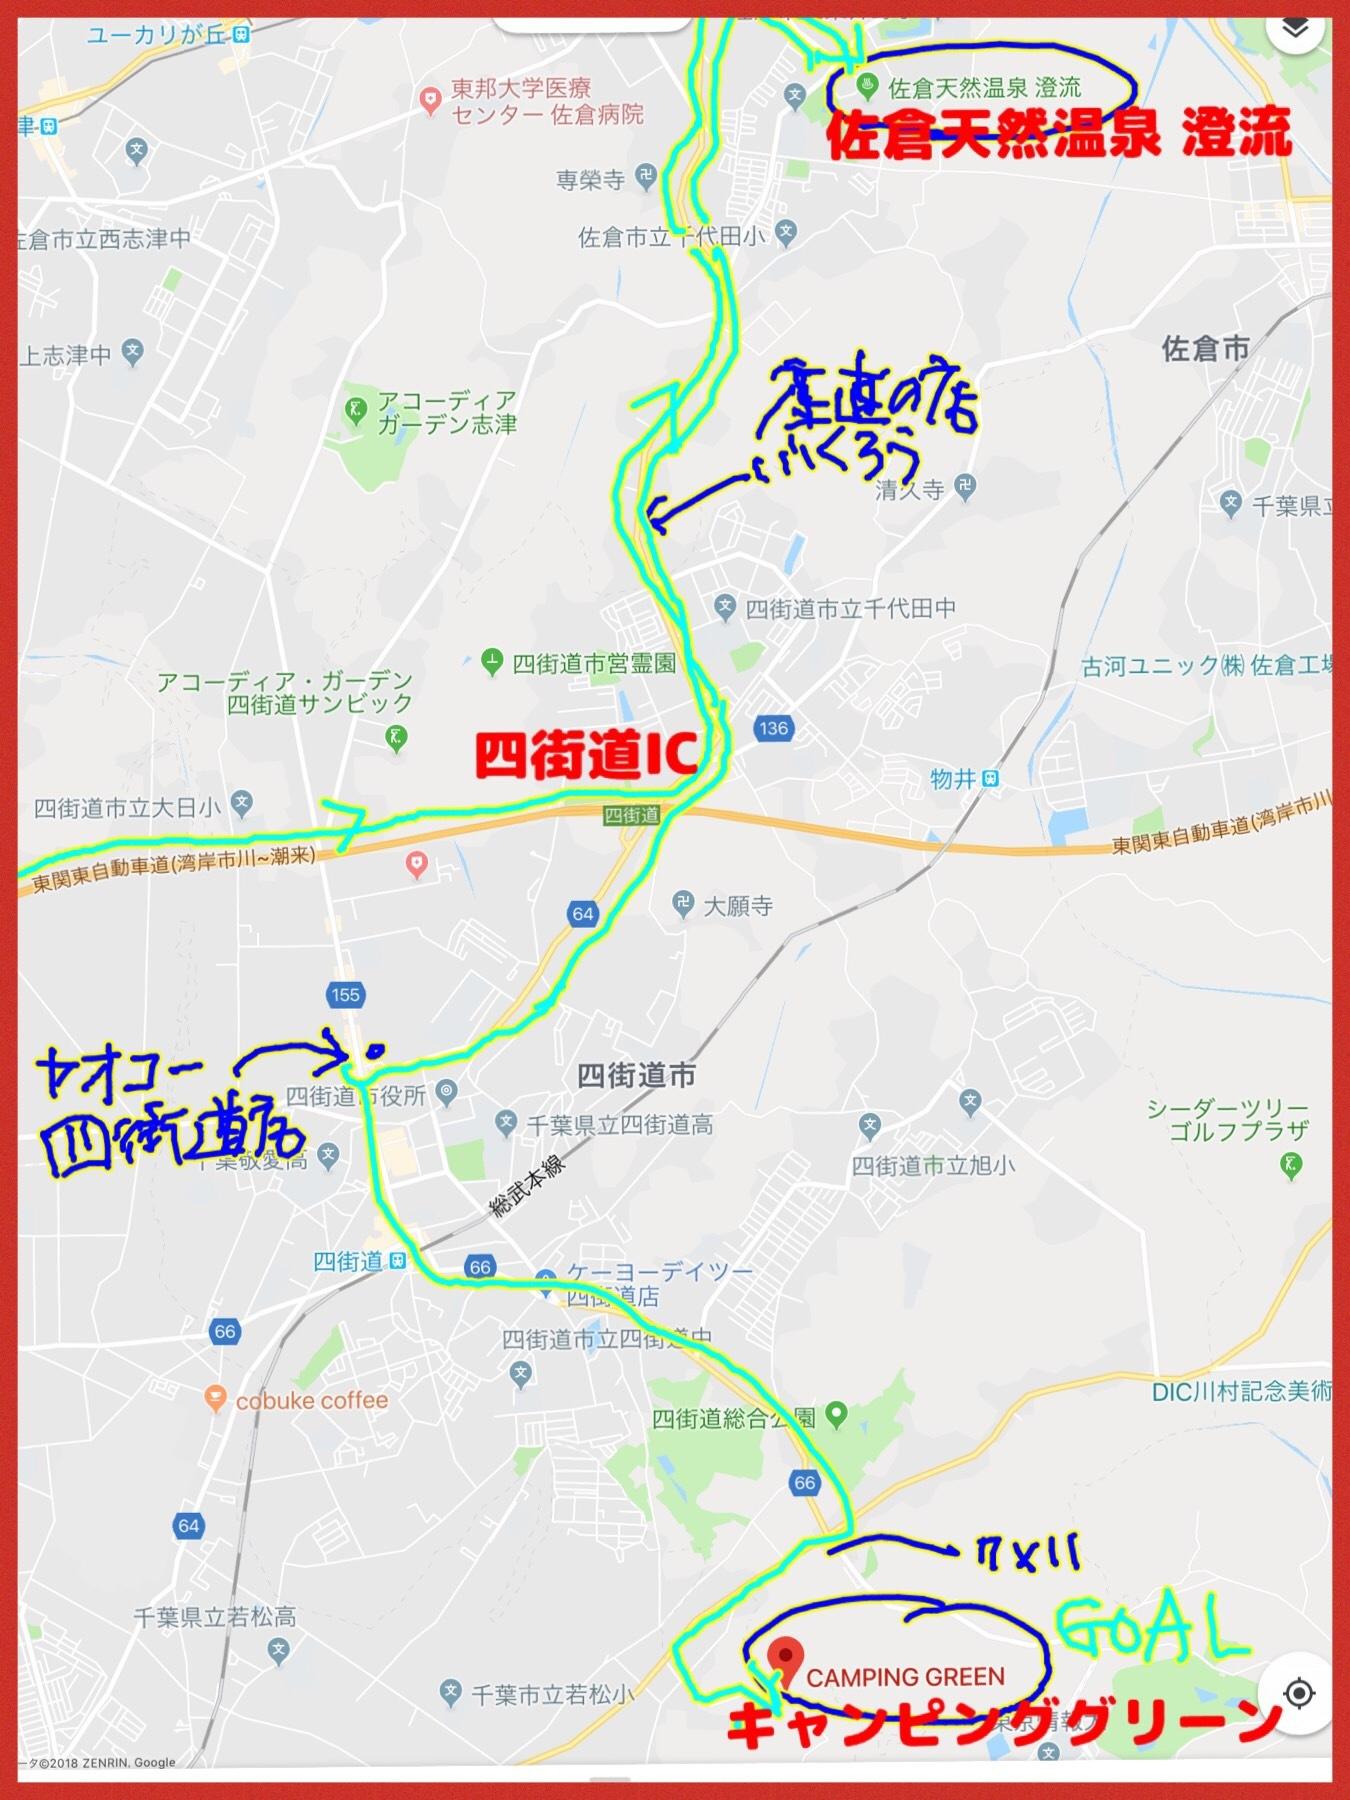 キャンピンググリーン千葉 地図 アクセス